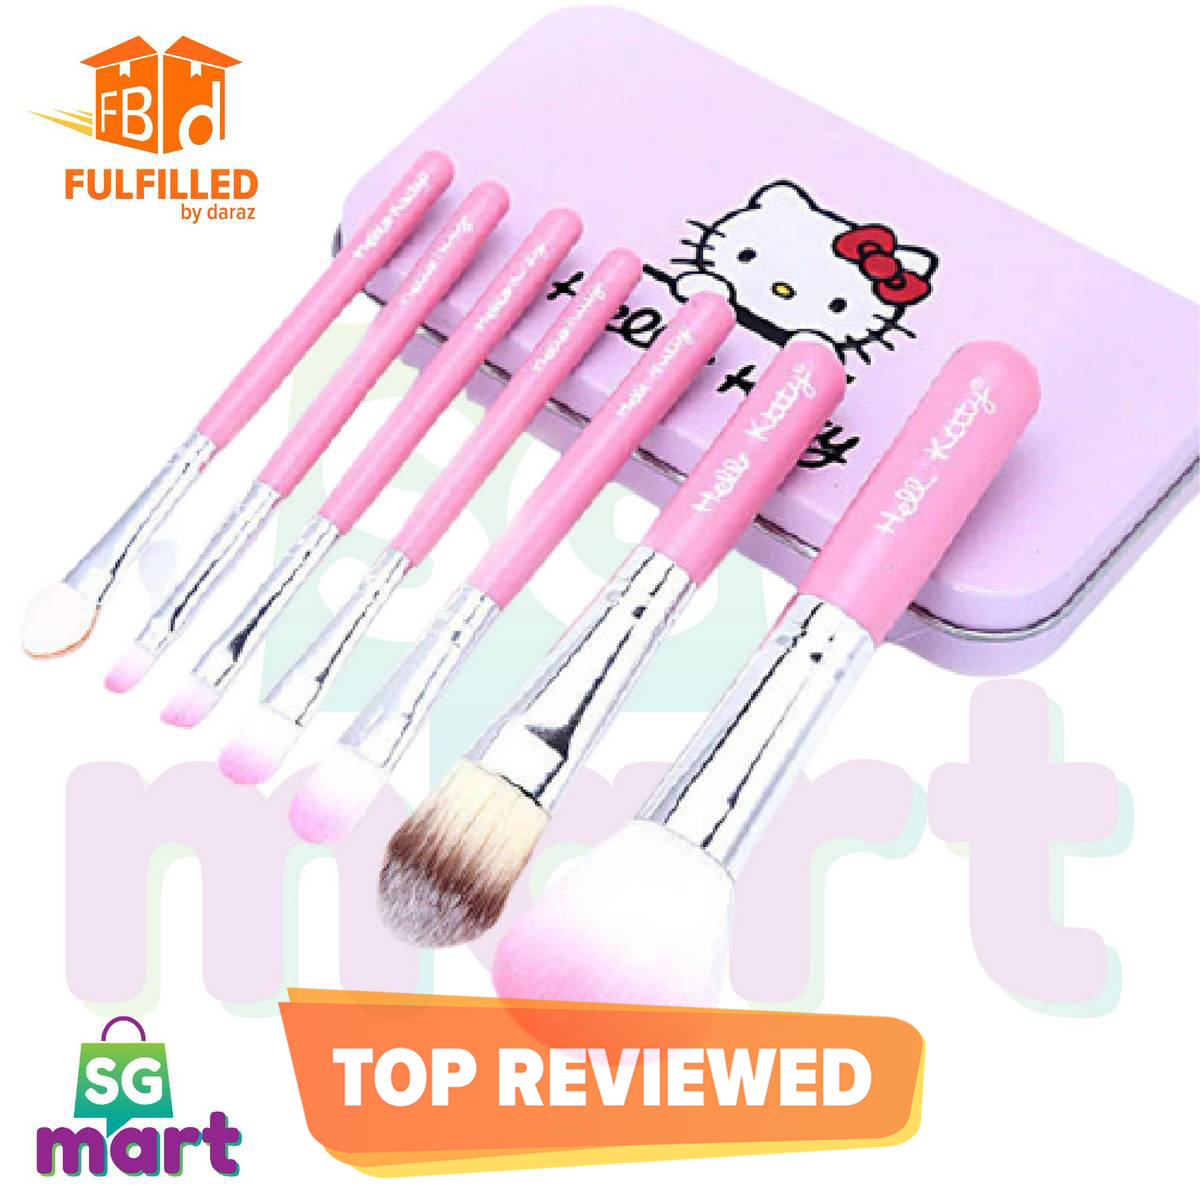 Hello Kitty 7 Makeup Foundation Powder Eye shadow Brushes Set Make-Up Brushes - SG Mart